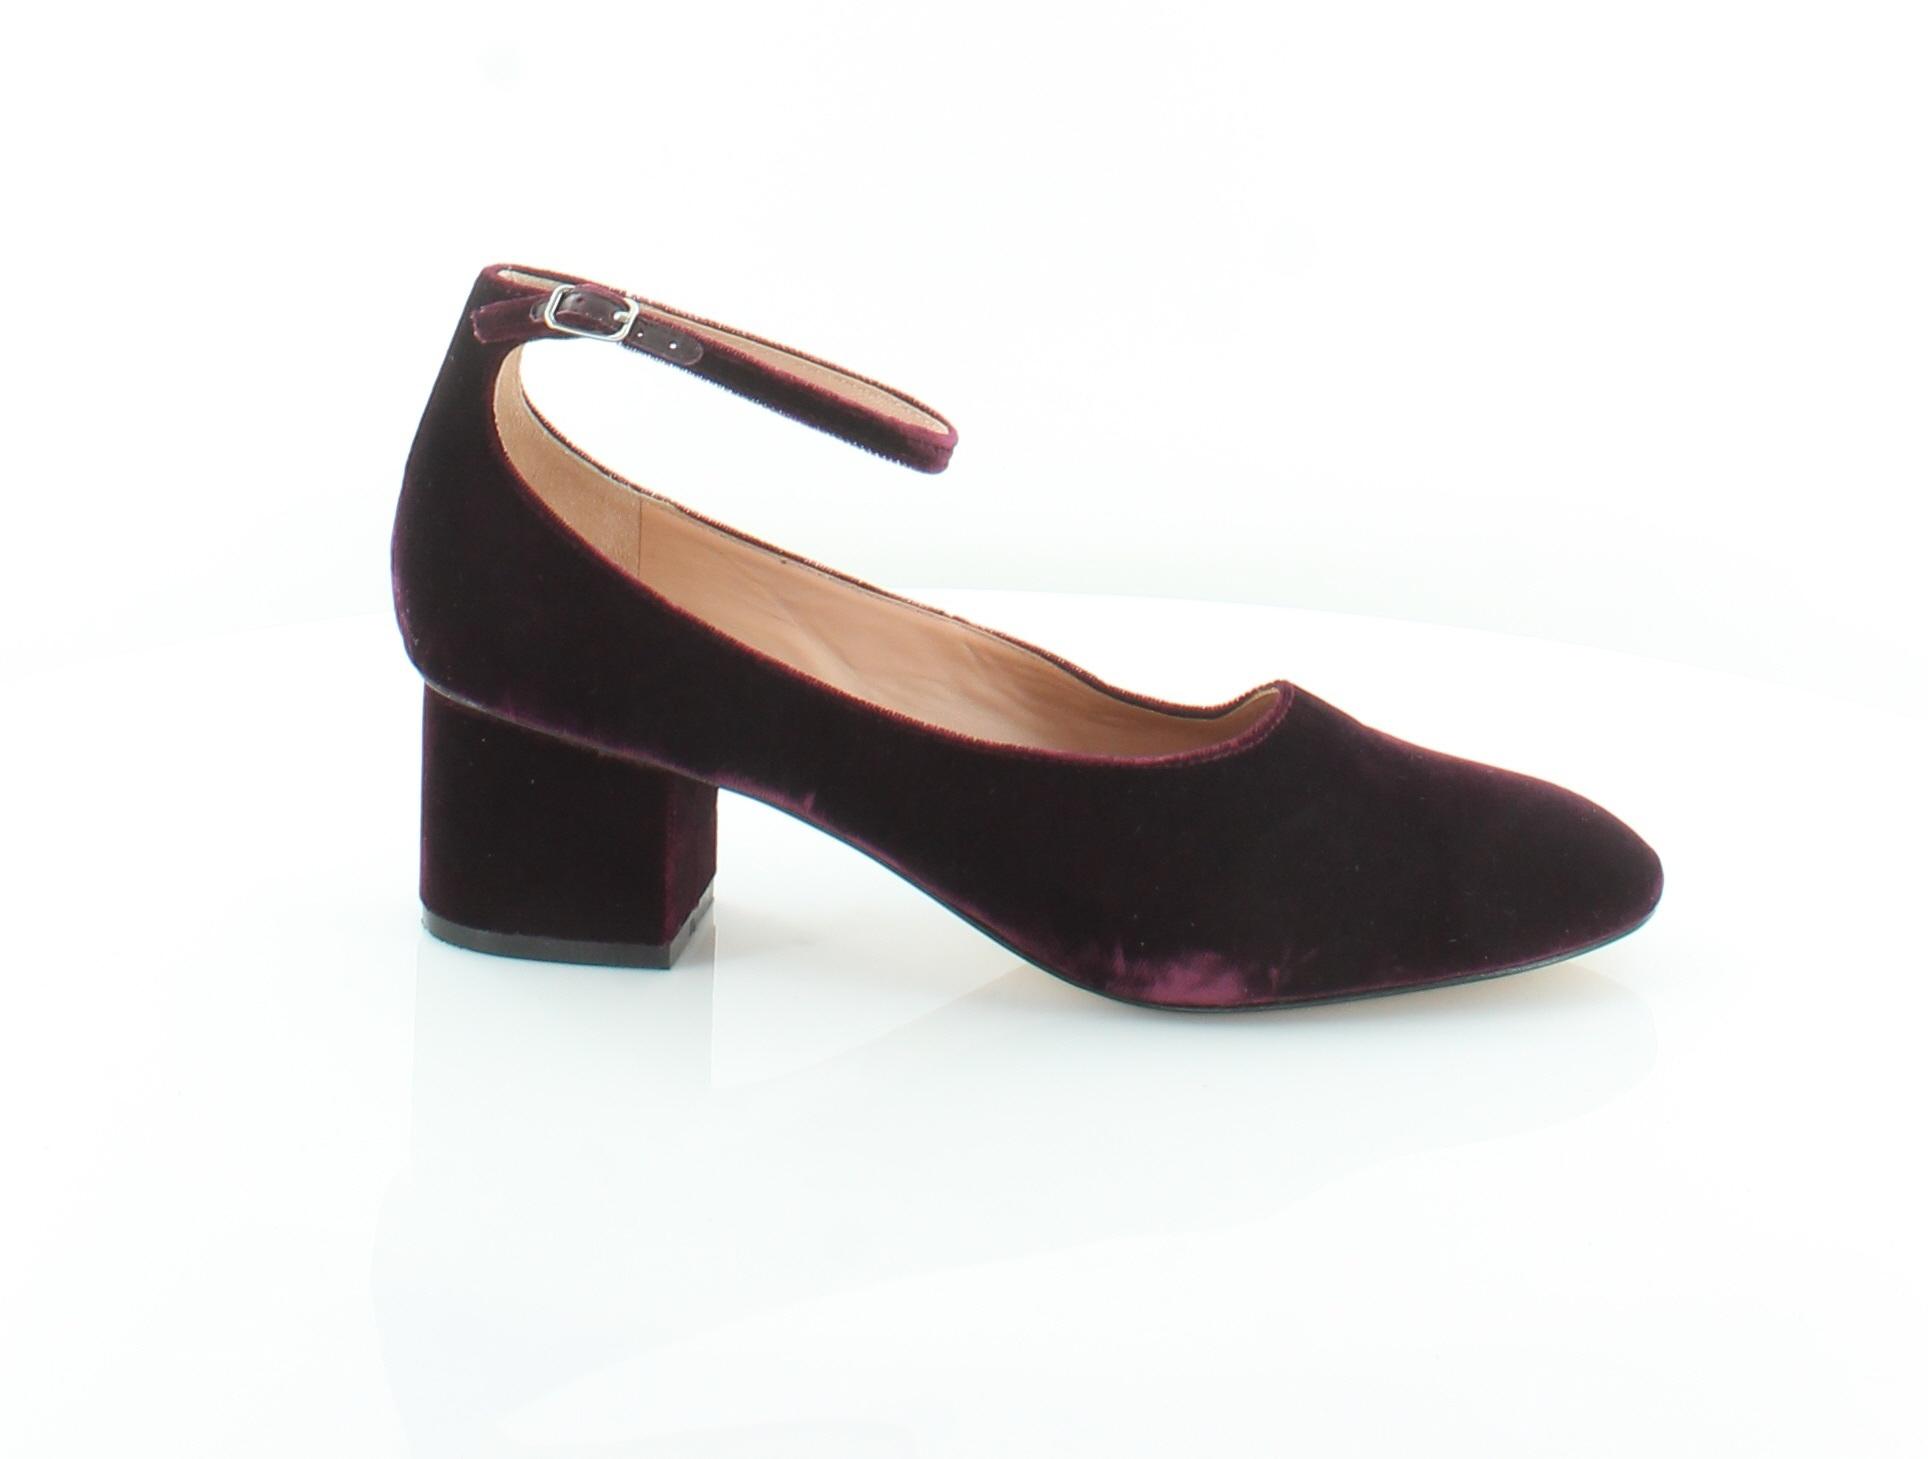 alto sconto Sigerson Morrison Kairos viola donna scarpe Dimensione Dimensione Dimensione 6 M Heels MSRP  295  Spedizione gratuita per tutti gli ordini